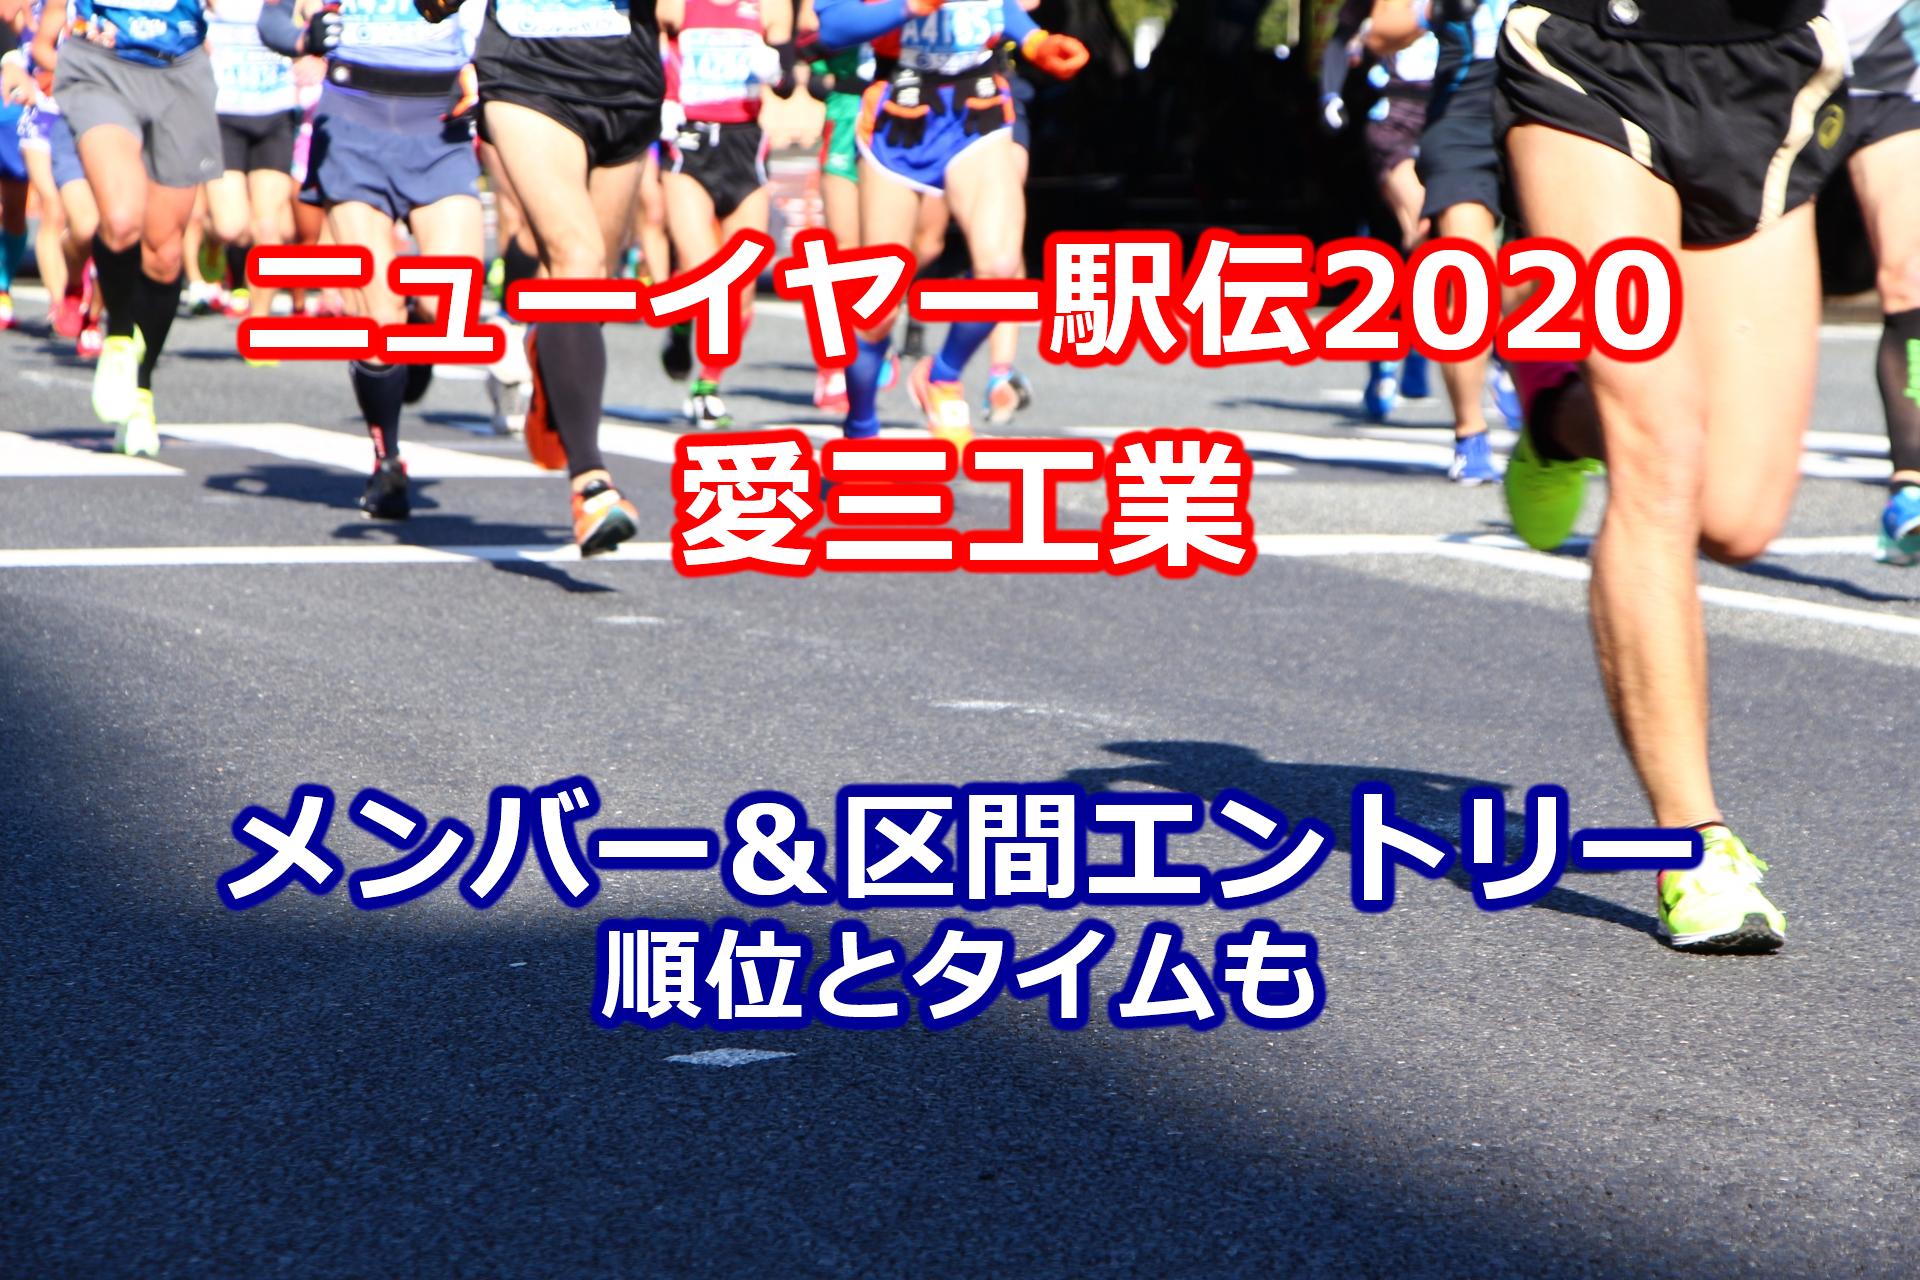 ニューイヤー駅伝2020愛三工業メンバー・区間エントリー・結果・順位・タイムまとめ